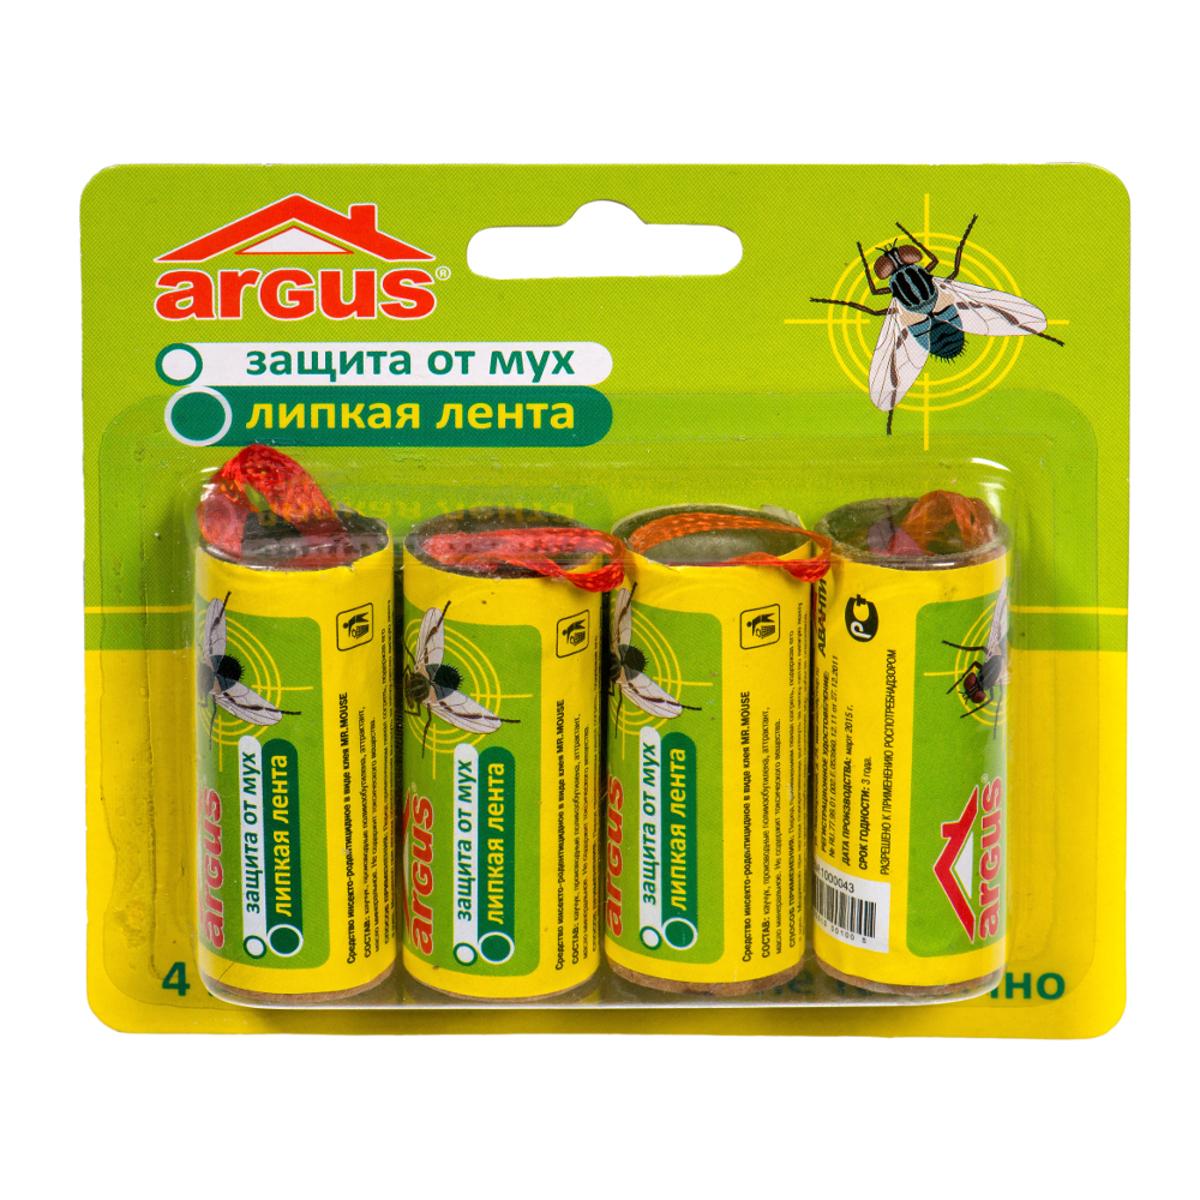 Липкая лента от мух Argus, 4 штСЗ.020005Липкая лента Argus - это удобное и простое в использовании средство, которое надежно защитит вас и вашу семью от мух в закрытом помещении или значительно снизит их количество на открытом воздухе. Специальный аттрактант является привлекательной приманкой для мух, что делает липкие ленты Argus наиболее эффективными. Не содержит веществ, опасных для людей и домашних животных. Для помещения площадью 10 м2 требуется 2-3 липучки. Состав: каучук, производные полиизобутилена, аттрактант, масло минеральное.